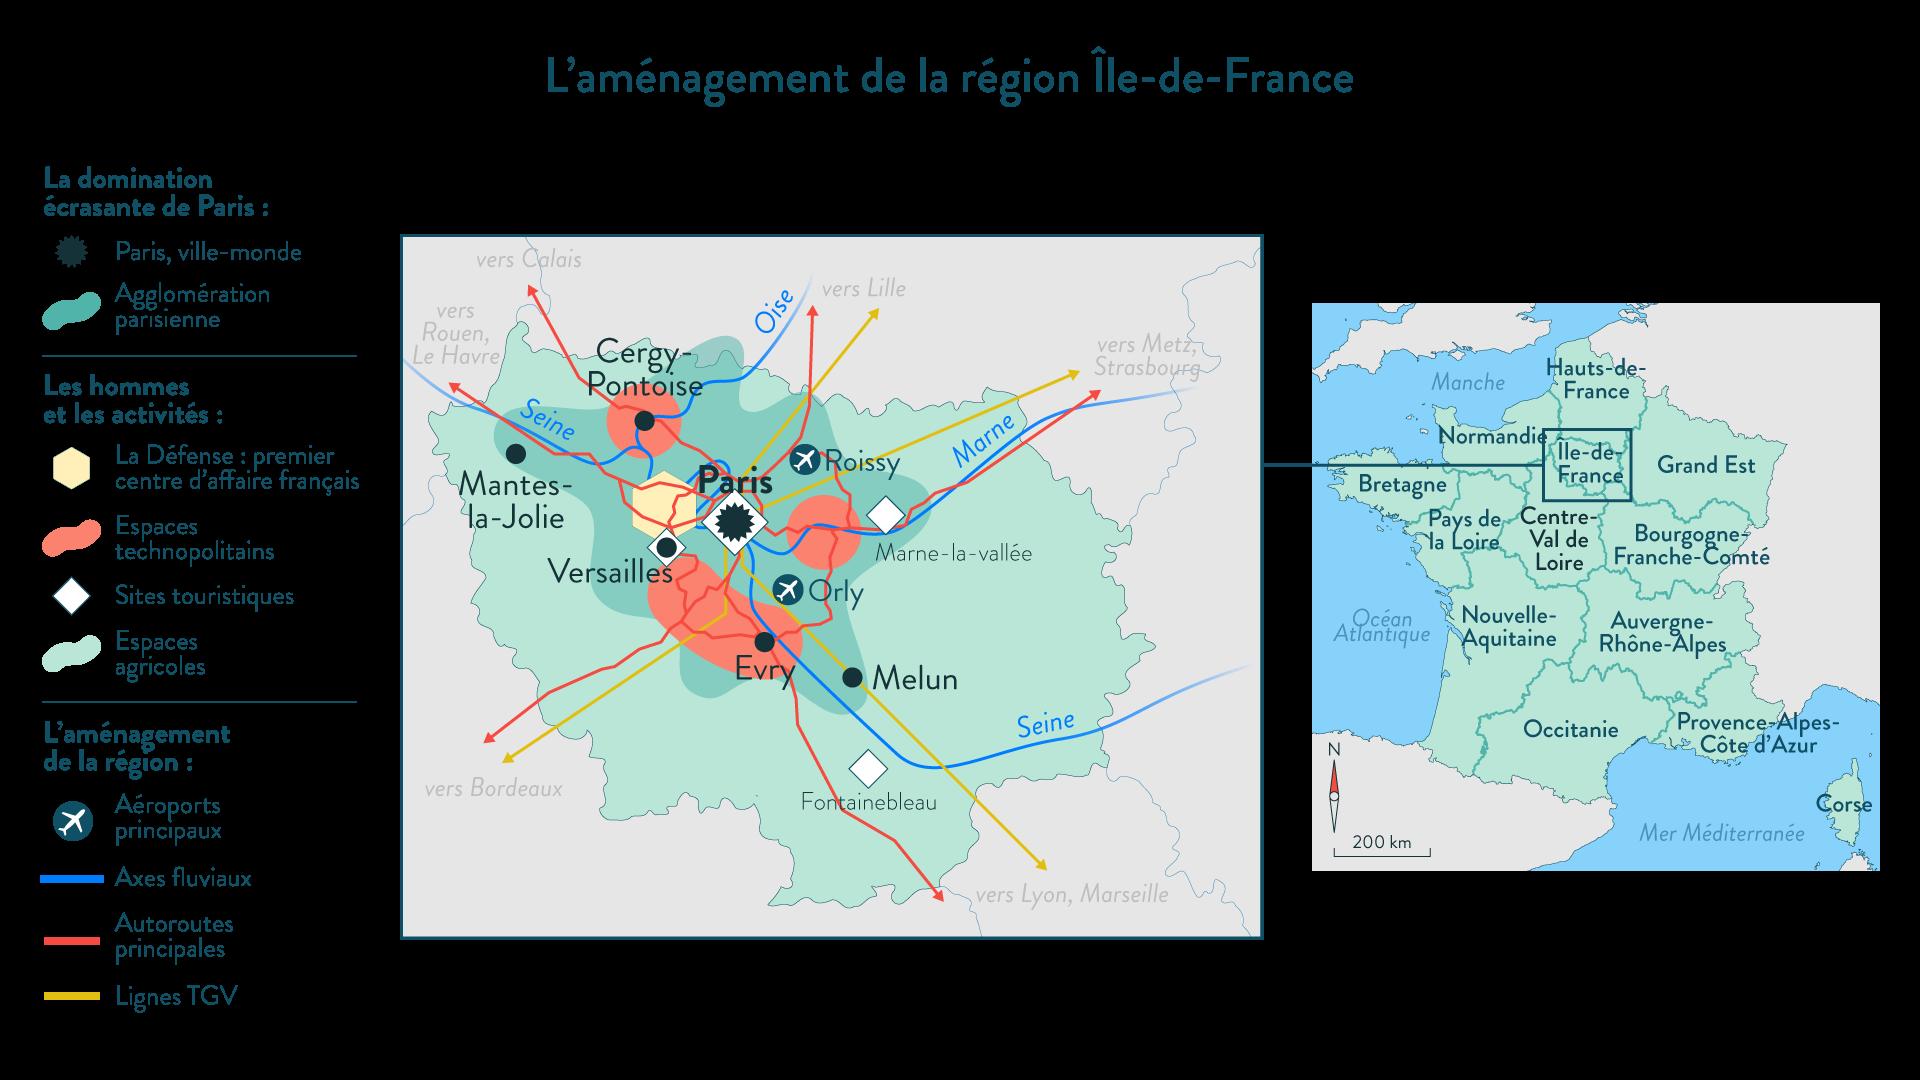 L'aménagement de la région Île-de-France